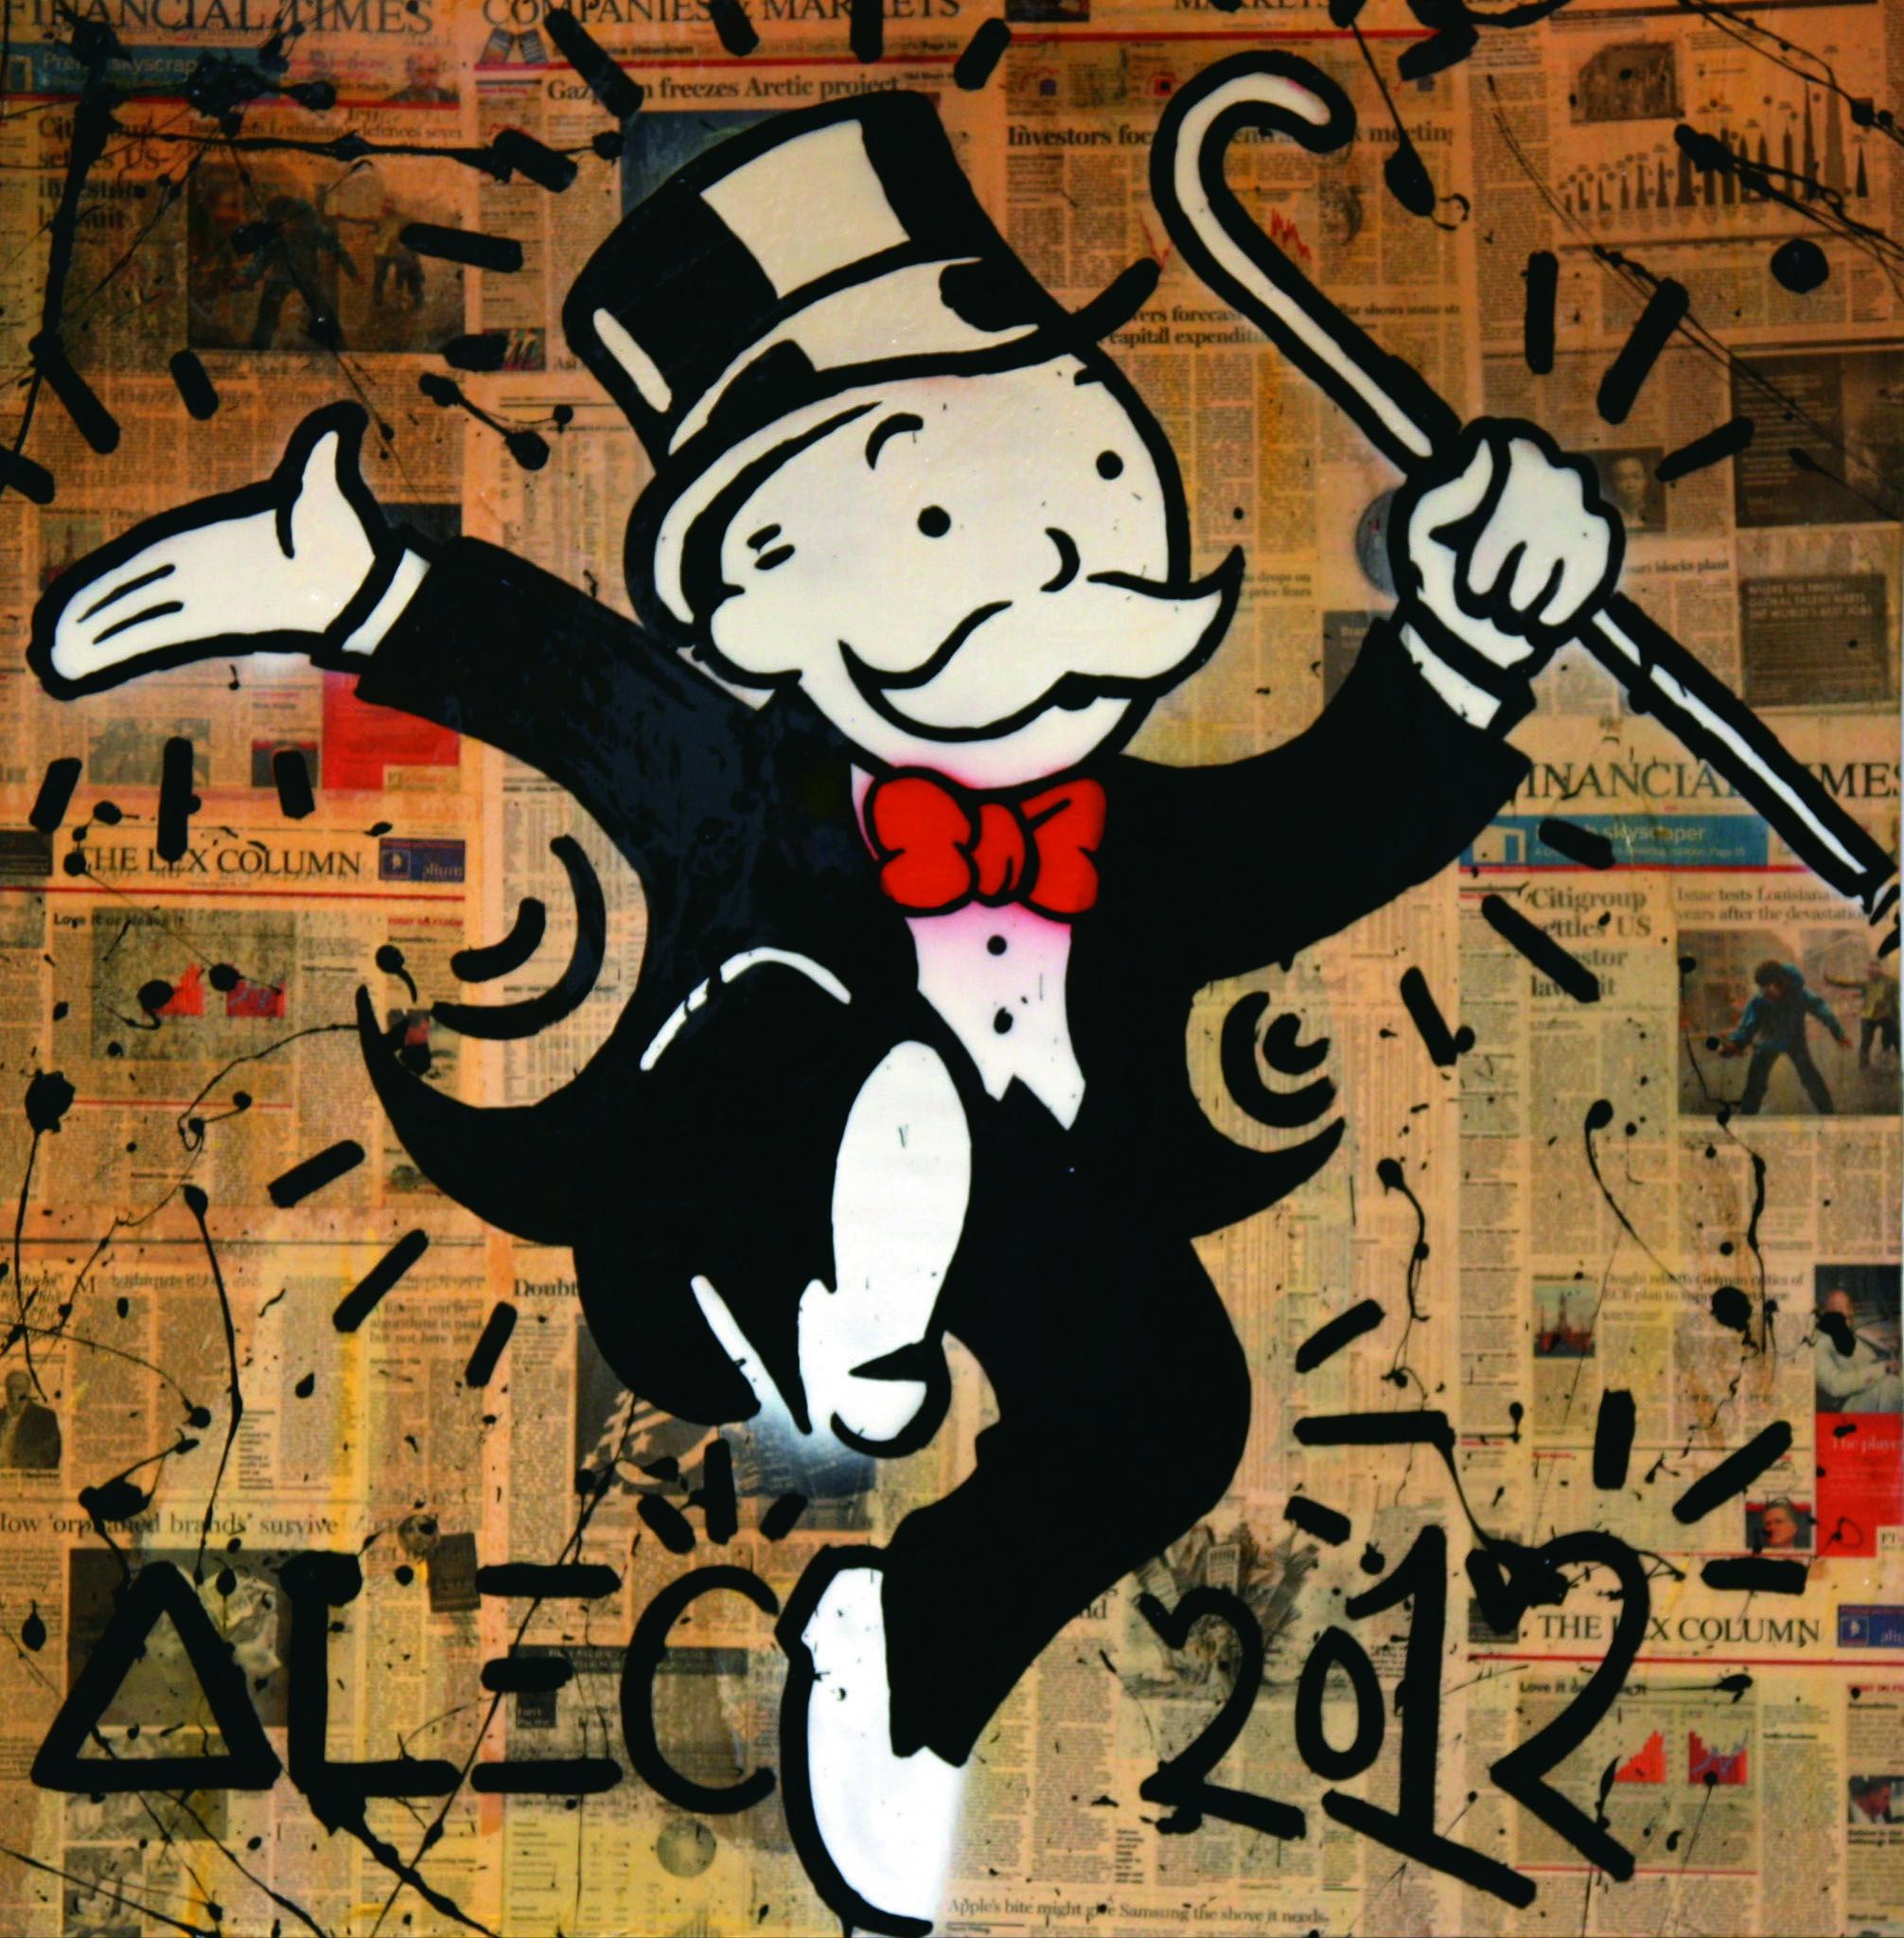 dd3ed13a7fd3 Alec Monopoly- 180coaching.org